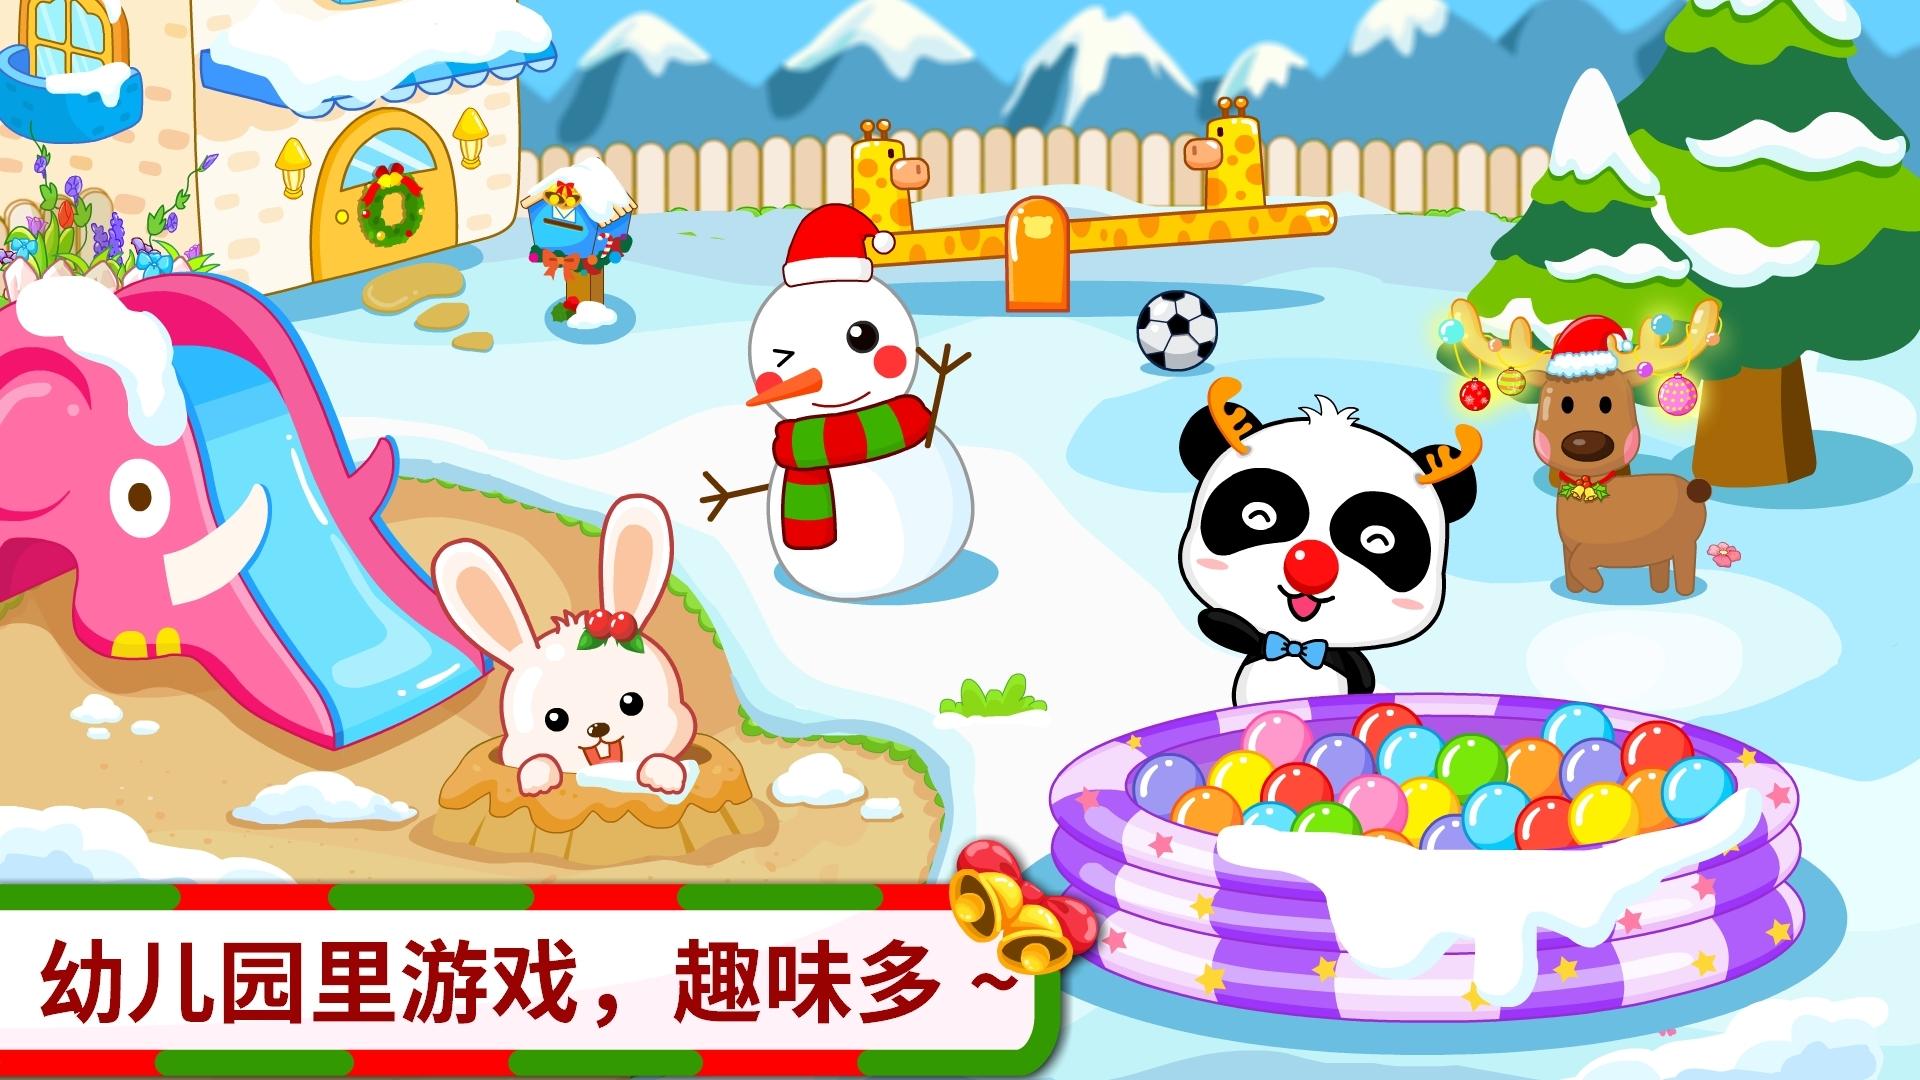 宝宝幼儿园免费下载-手机宝宝幼儿园安卓版下载-卓易